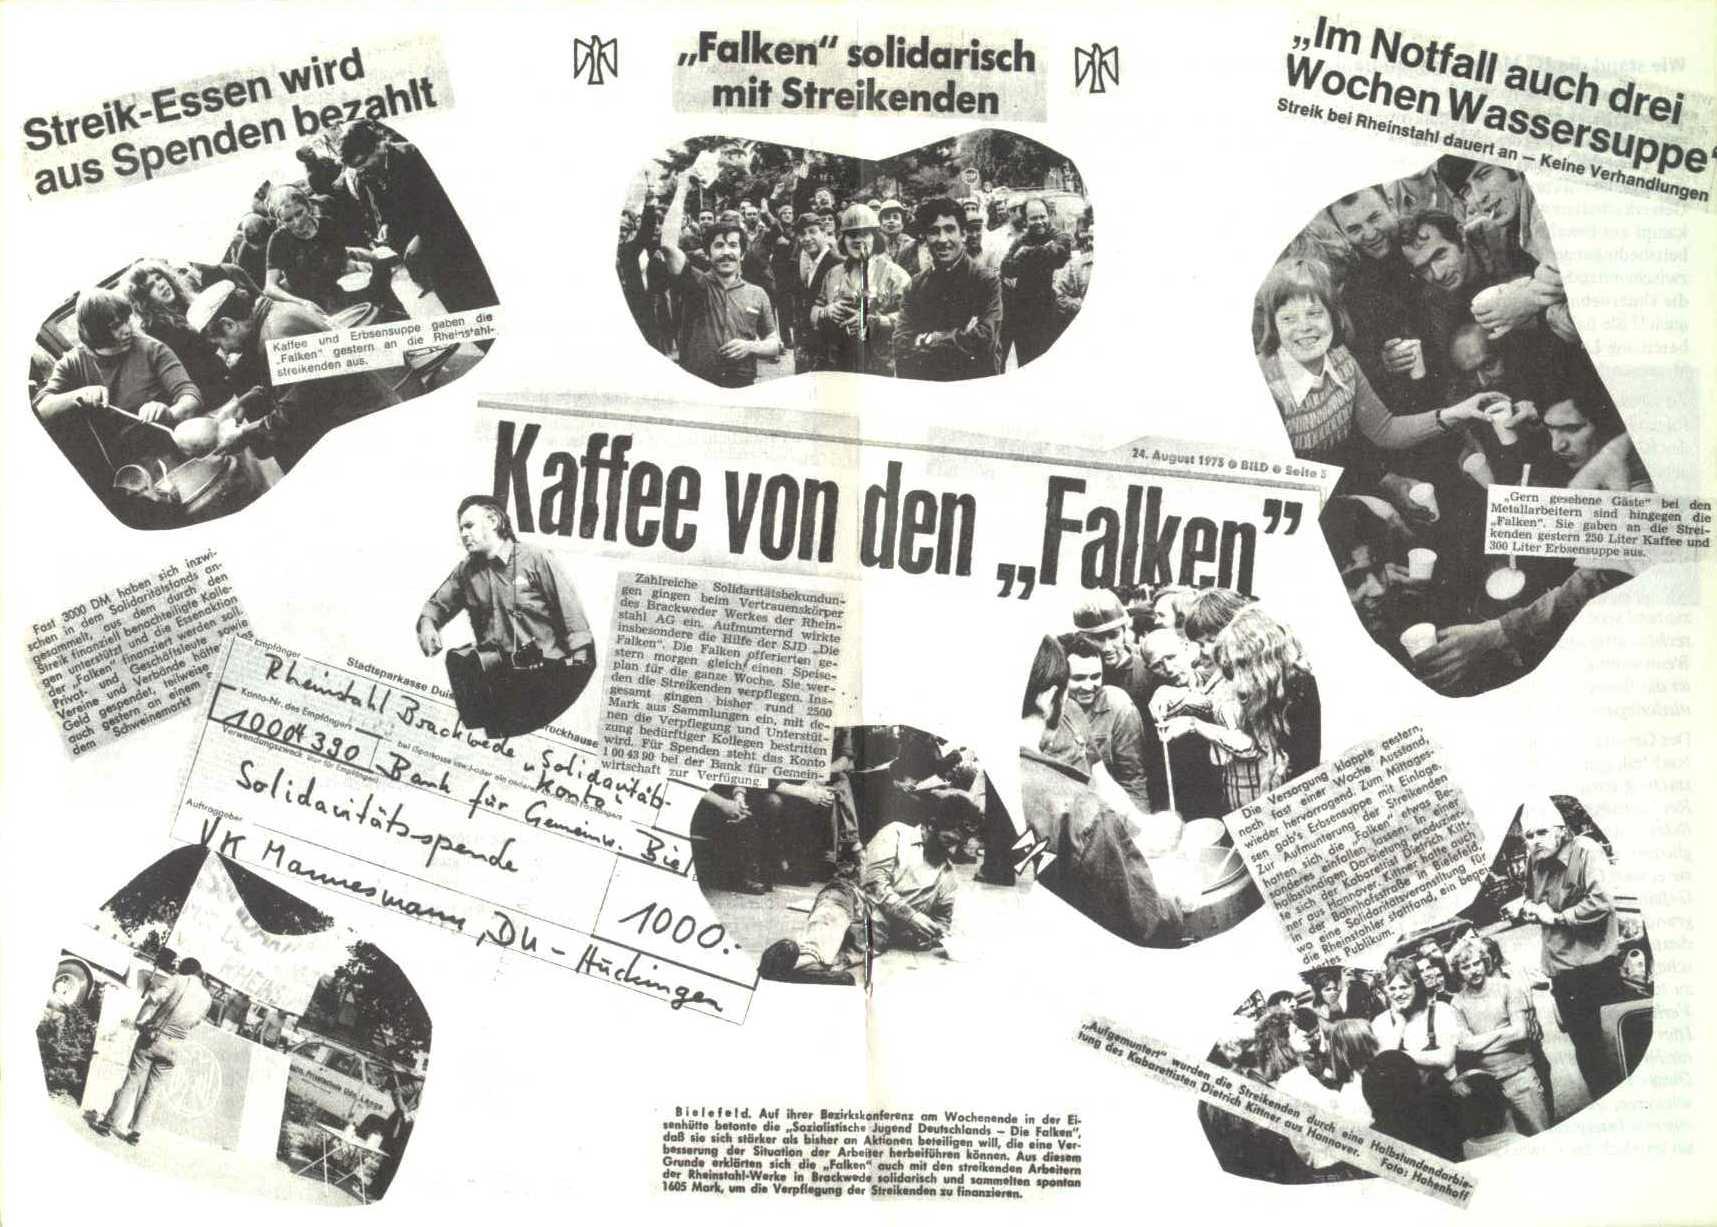 Rheinstal_Dokumentation der SJD_Die Falken, Bezirk Ostwestfalen_Lippe [1973], Seite 16 und 17